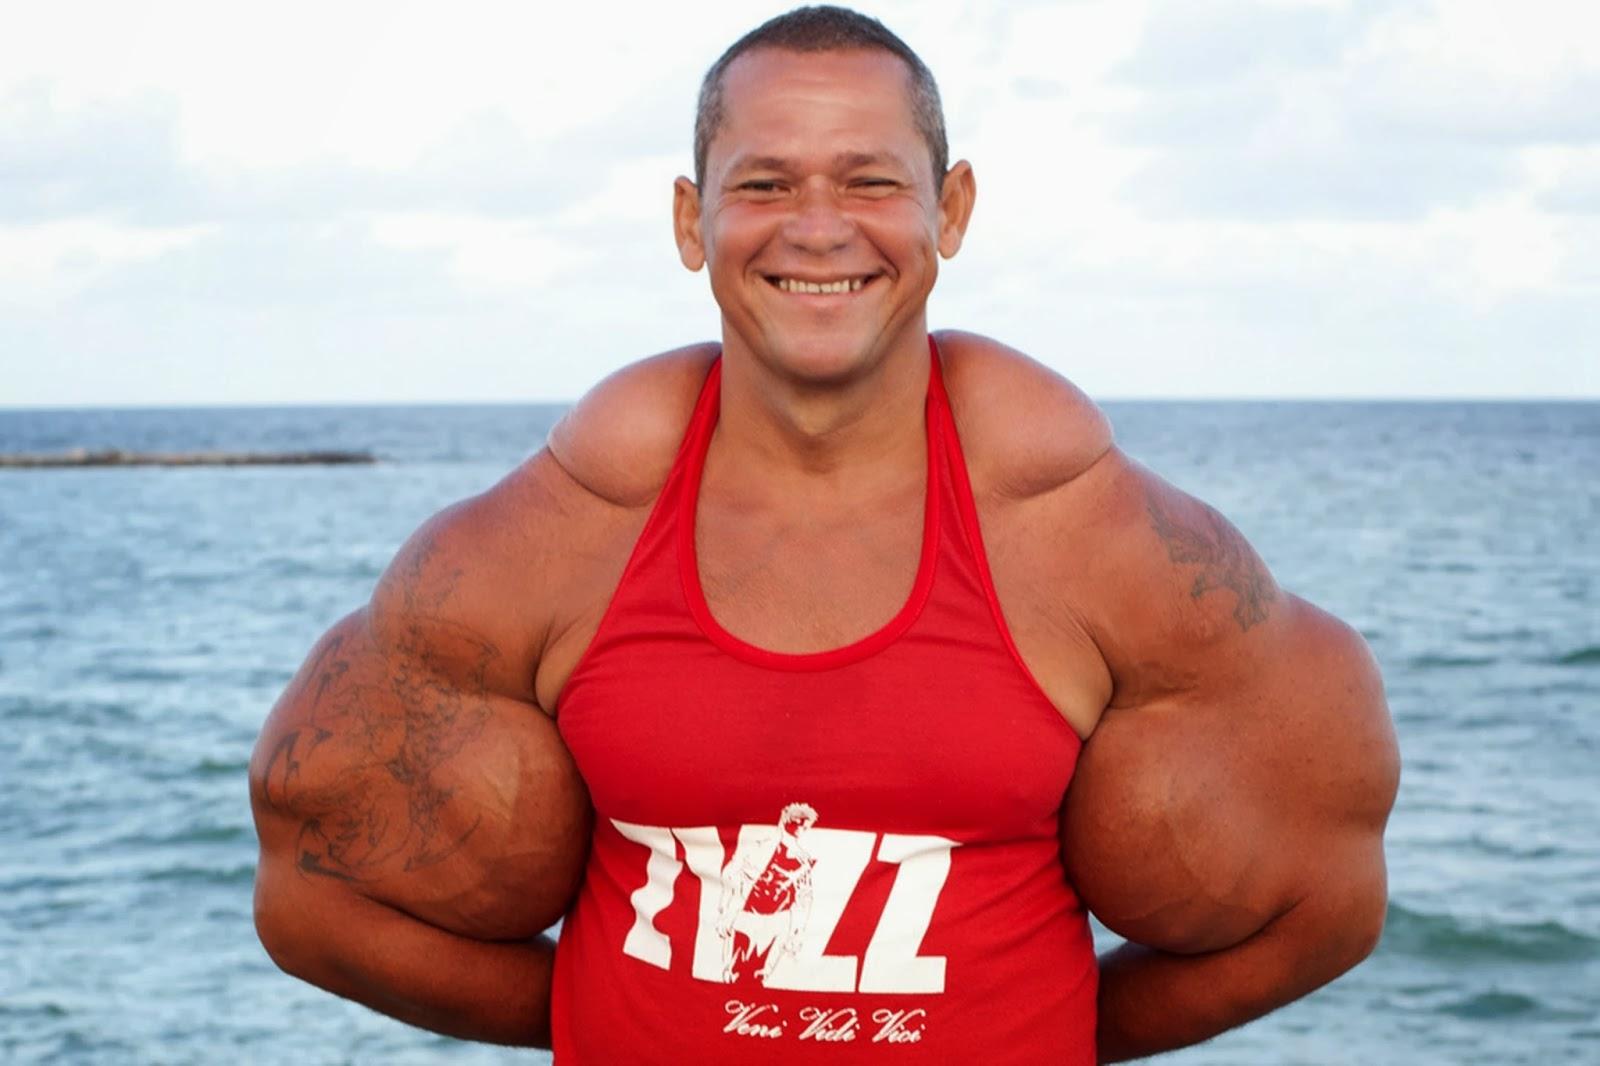 Самая большая мускулатура культуристки 2 фотография